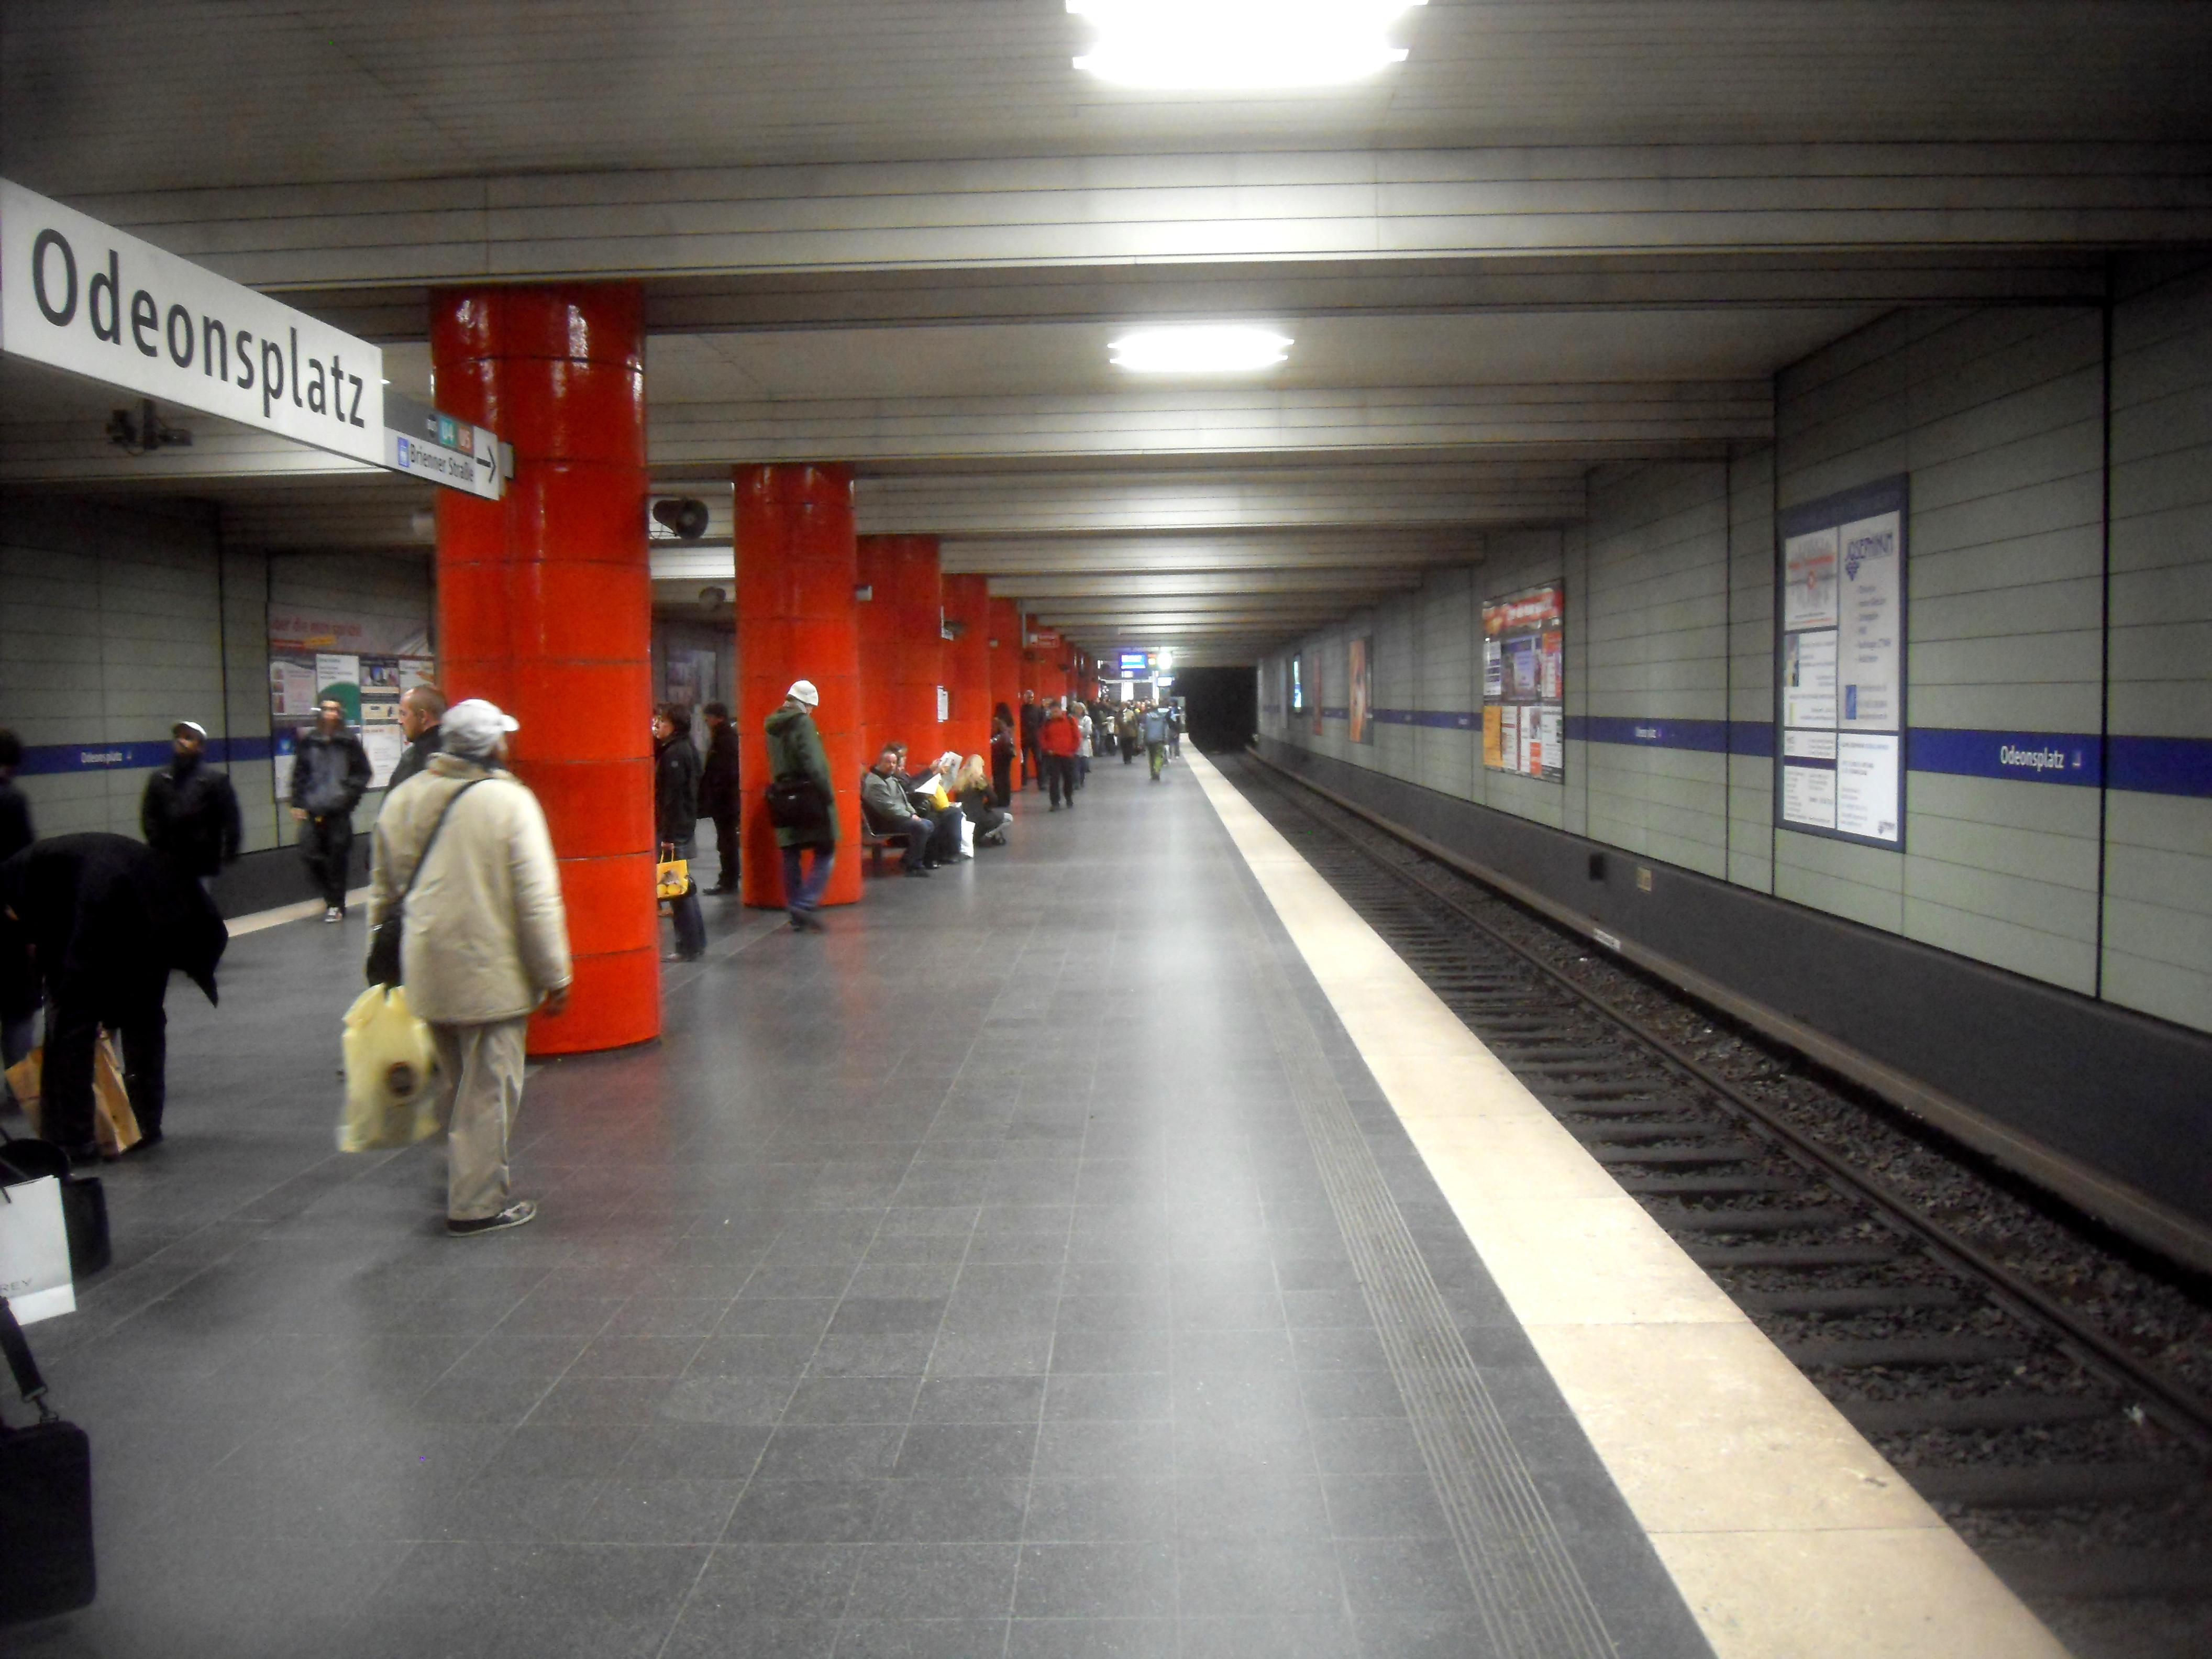 file m nchen u bahn station odeonsplatz u 3 u 6 1 4. Black Bedroom Furniture Sets. Home Design Ideas